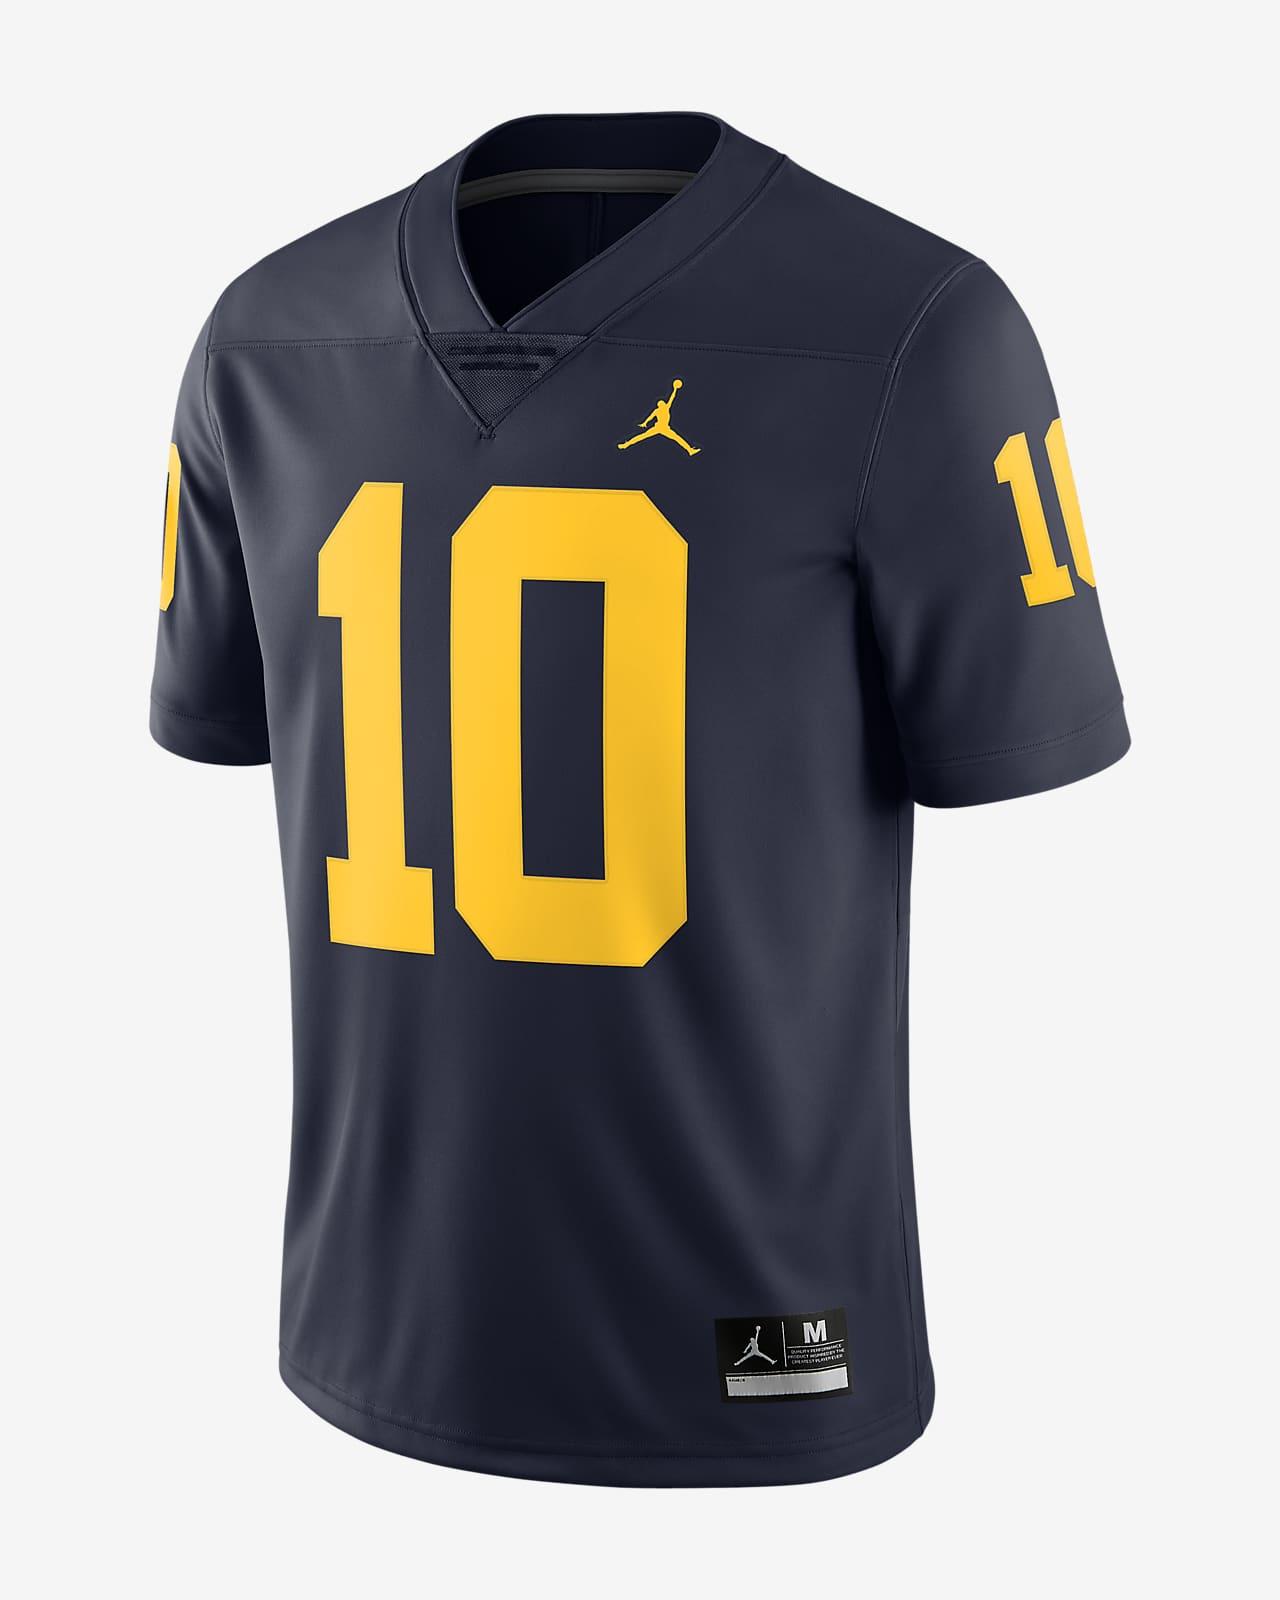 cultura Electrónico plátano  Camiseta de fútbol americano edición limitada para hombre Jordan College  (Michigan) (Tom Brady). Nike.com